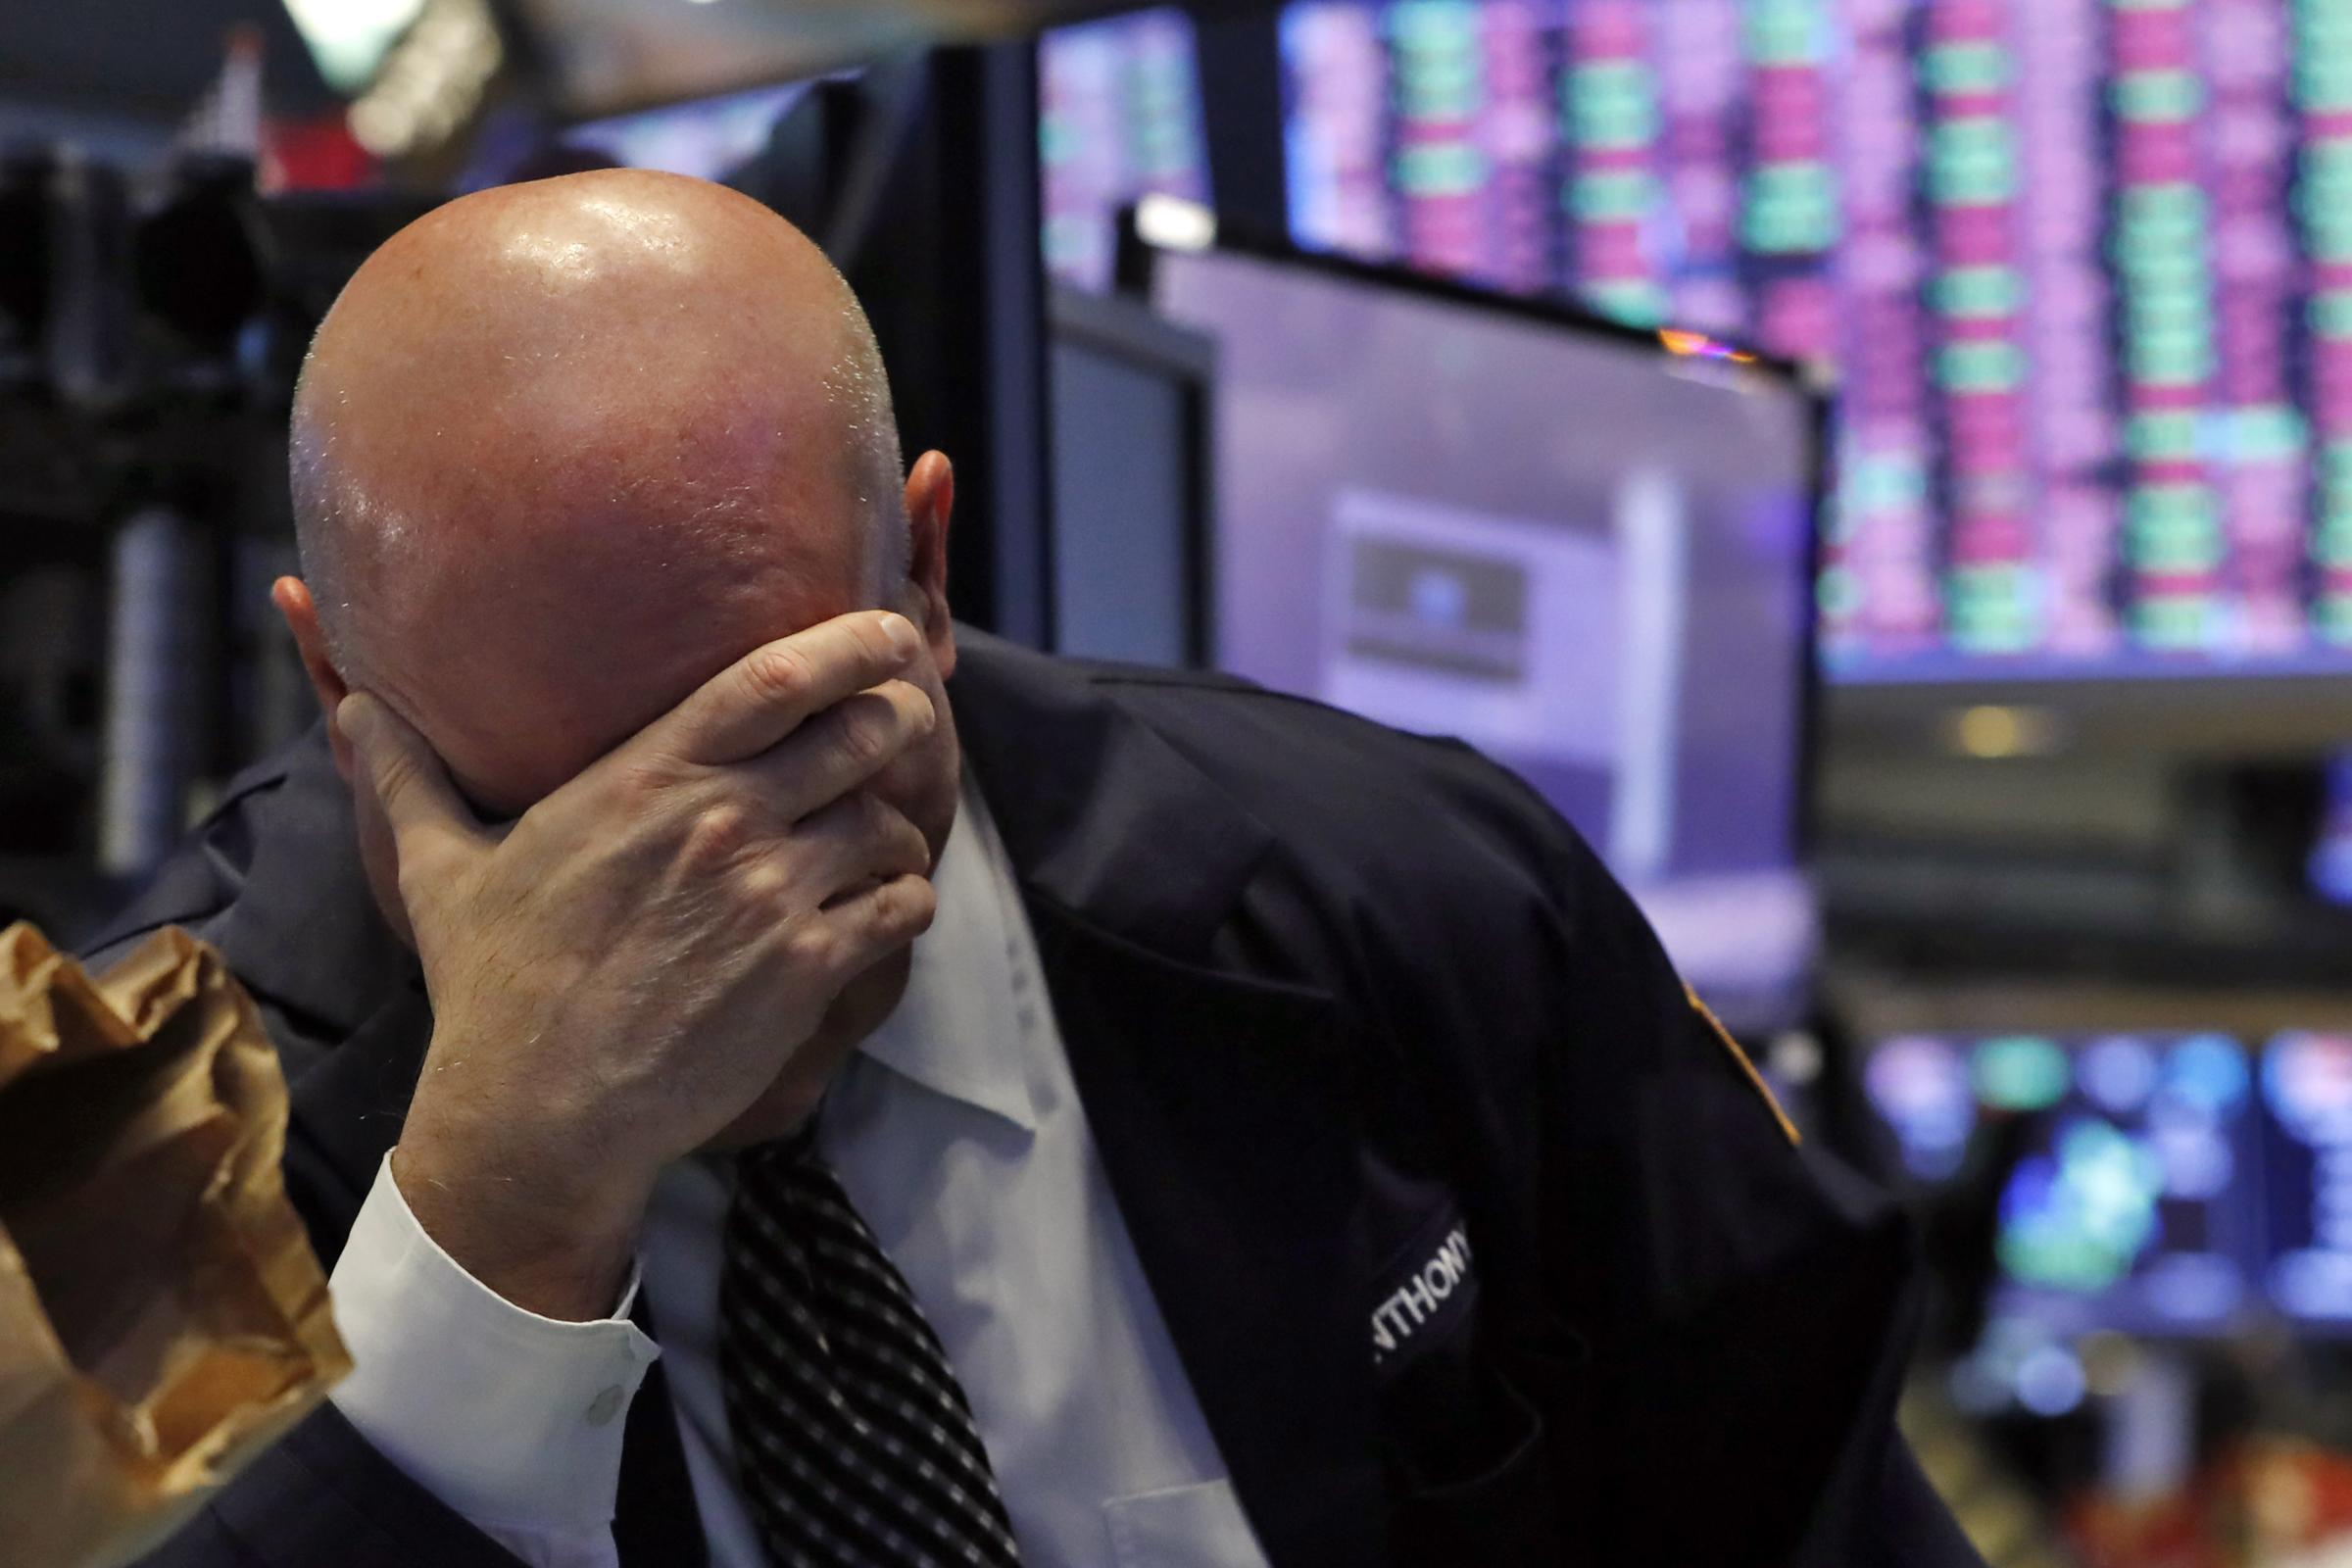 Le incognite sull'economia mondiale che possono minare la ripresa